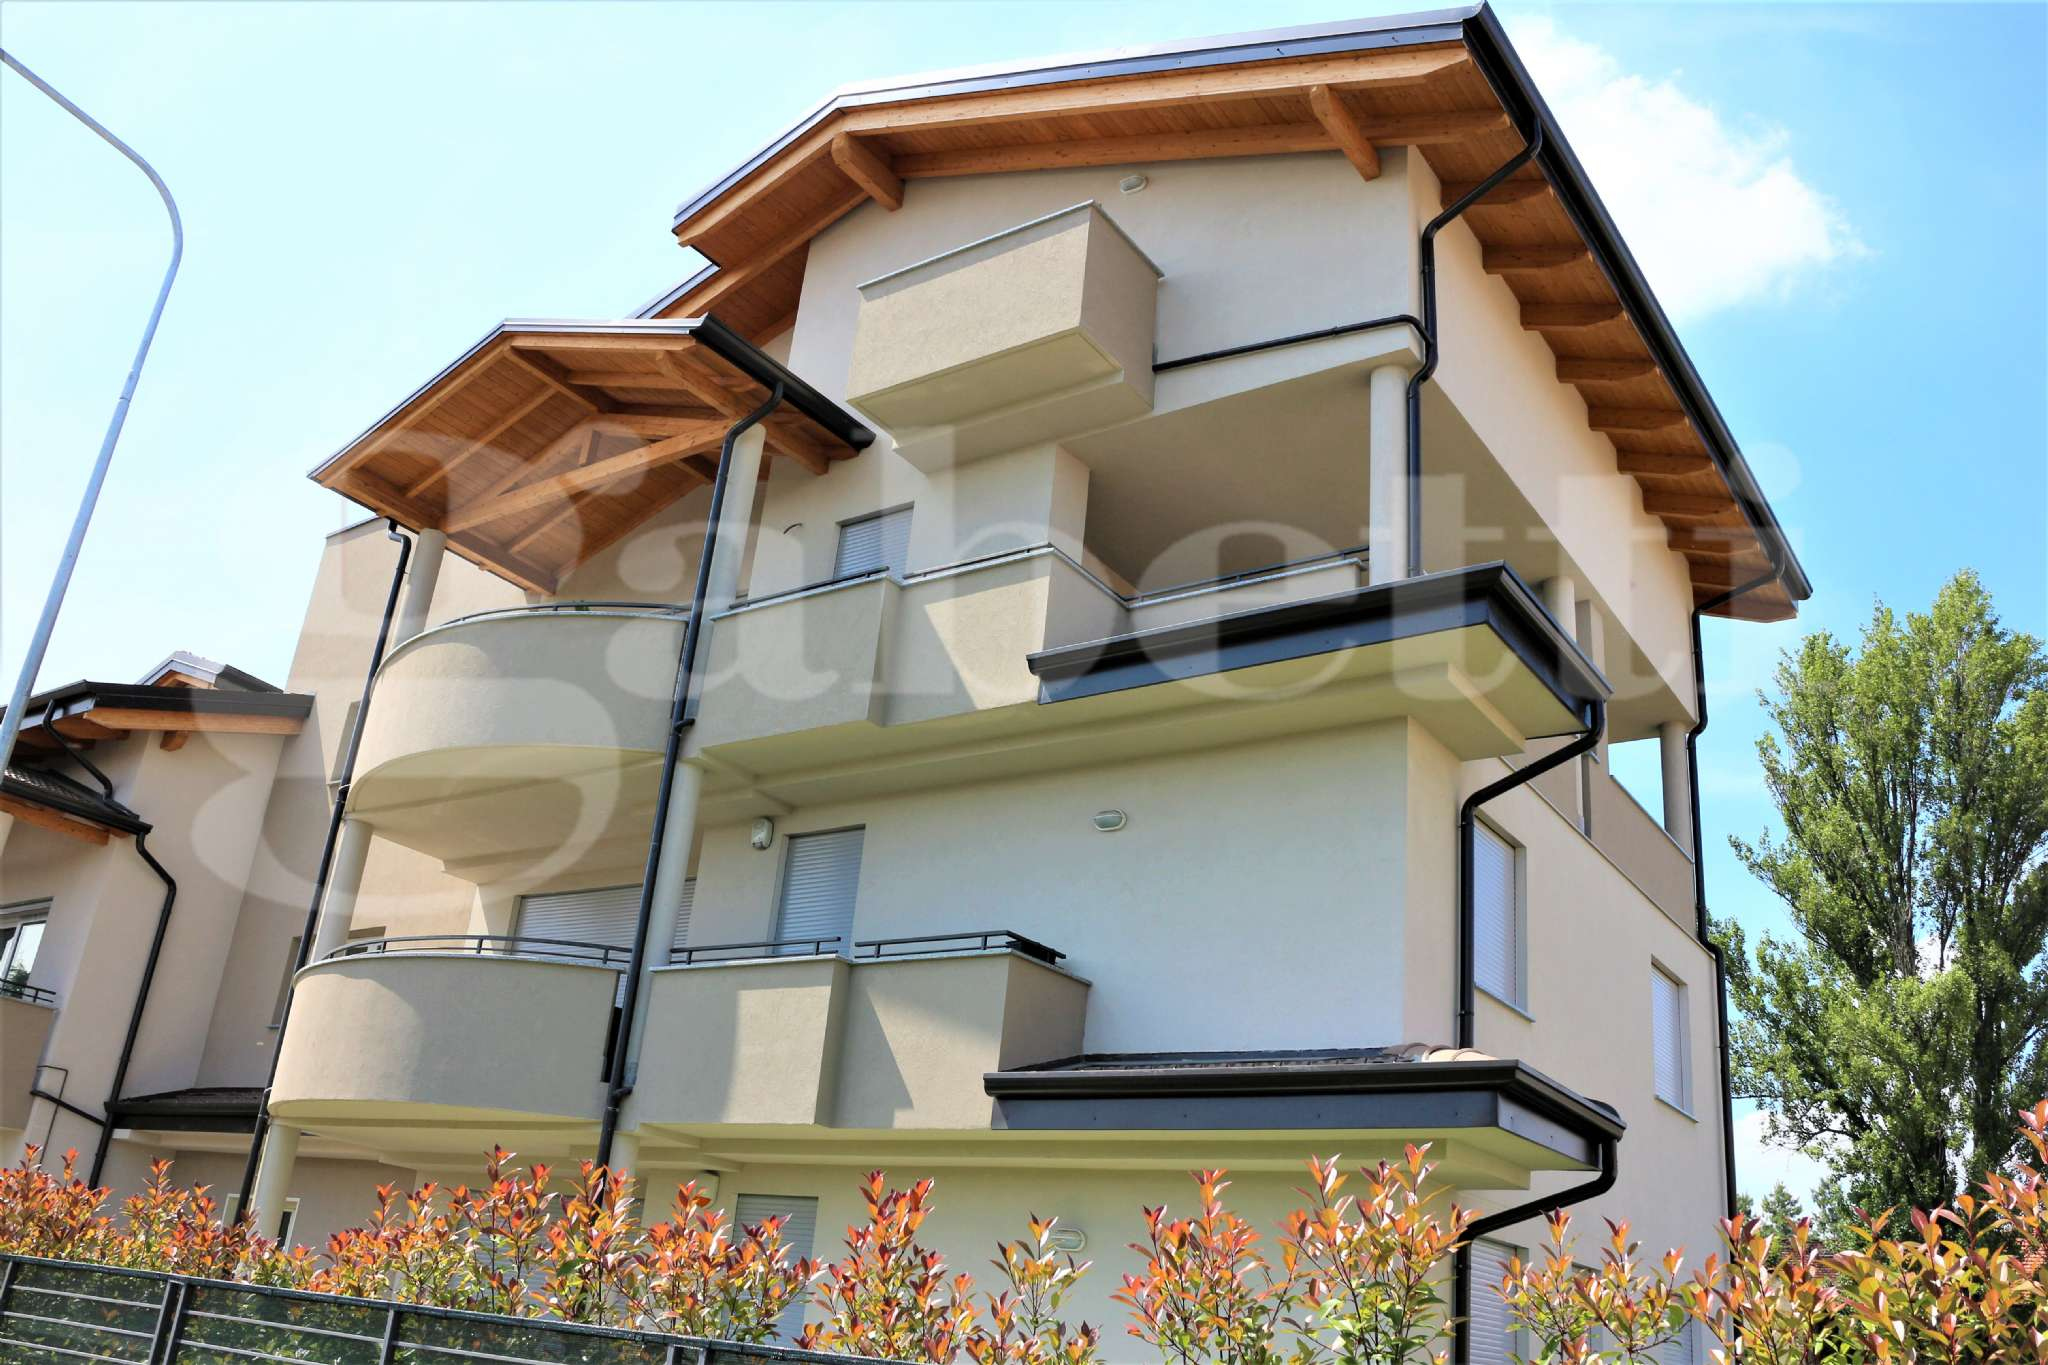 Appartamento in vendita a Dairago, 2 locali, prezzo € 130.000 | CambioCasa.it